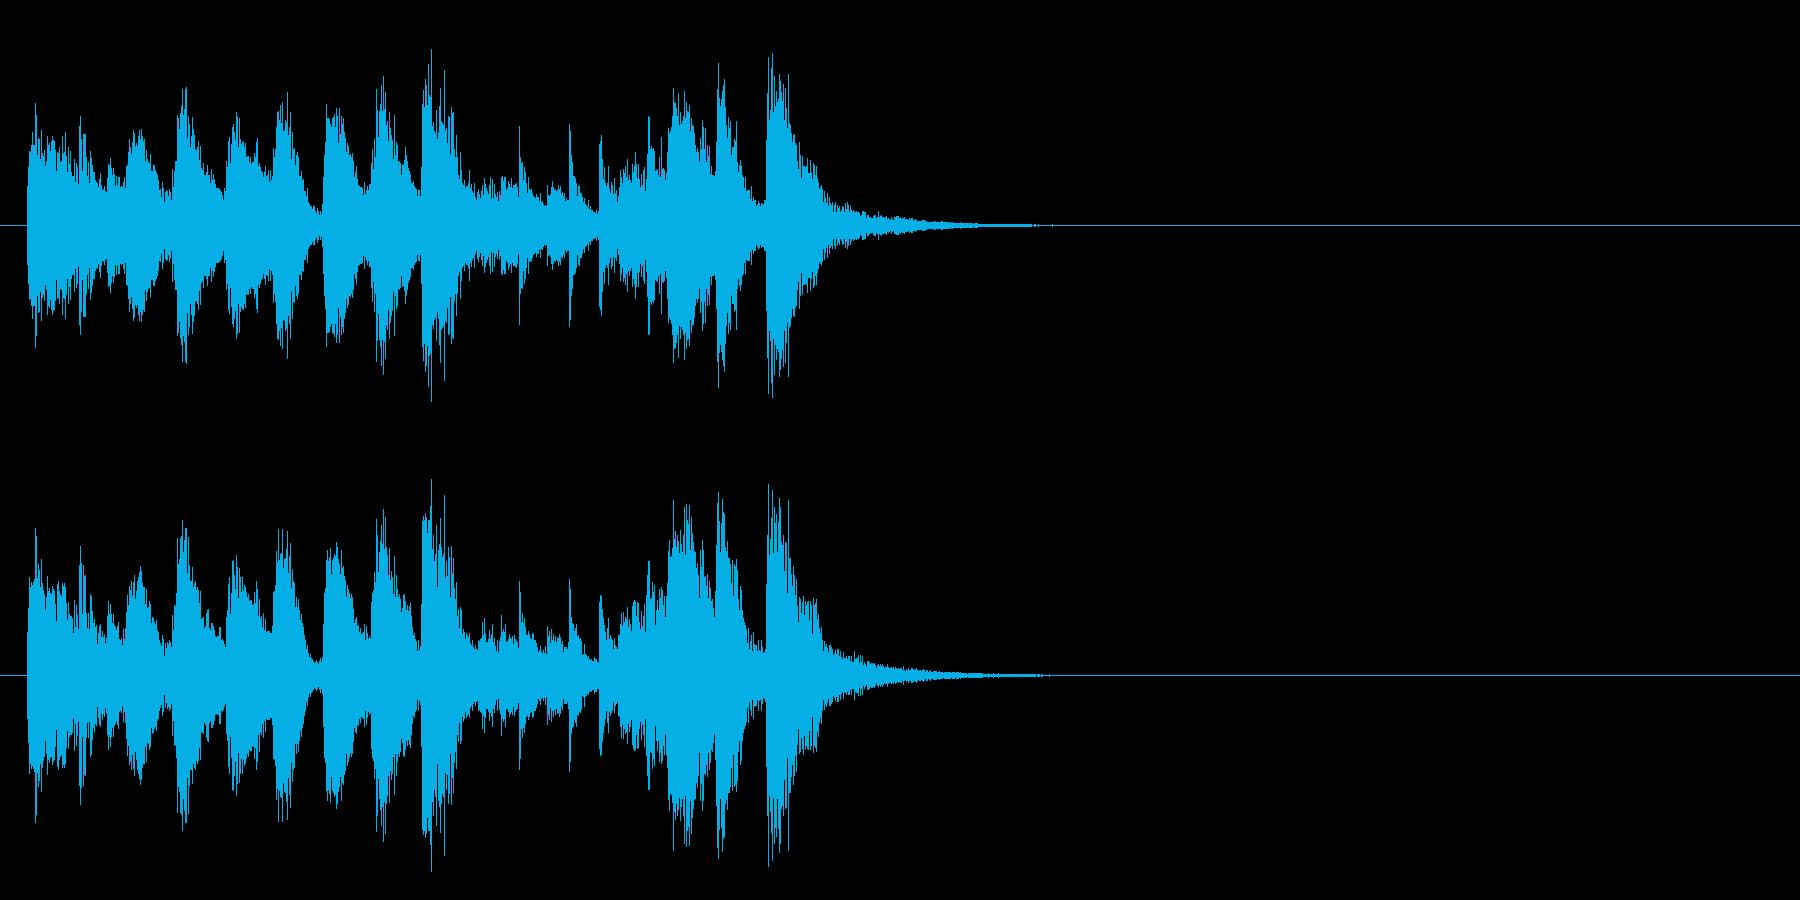 ジングル(ラグタイム風)の再生済みの波形